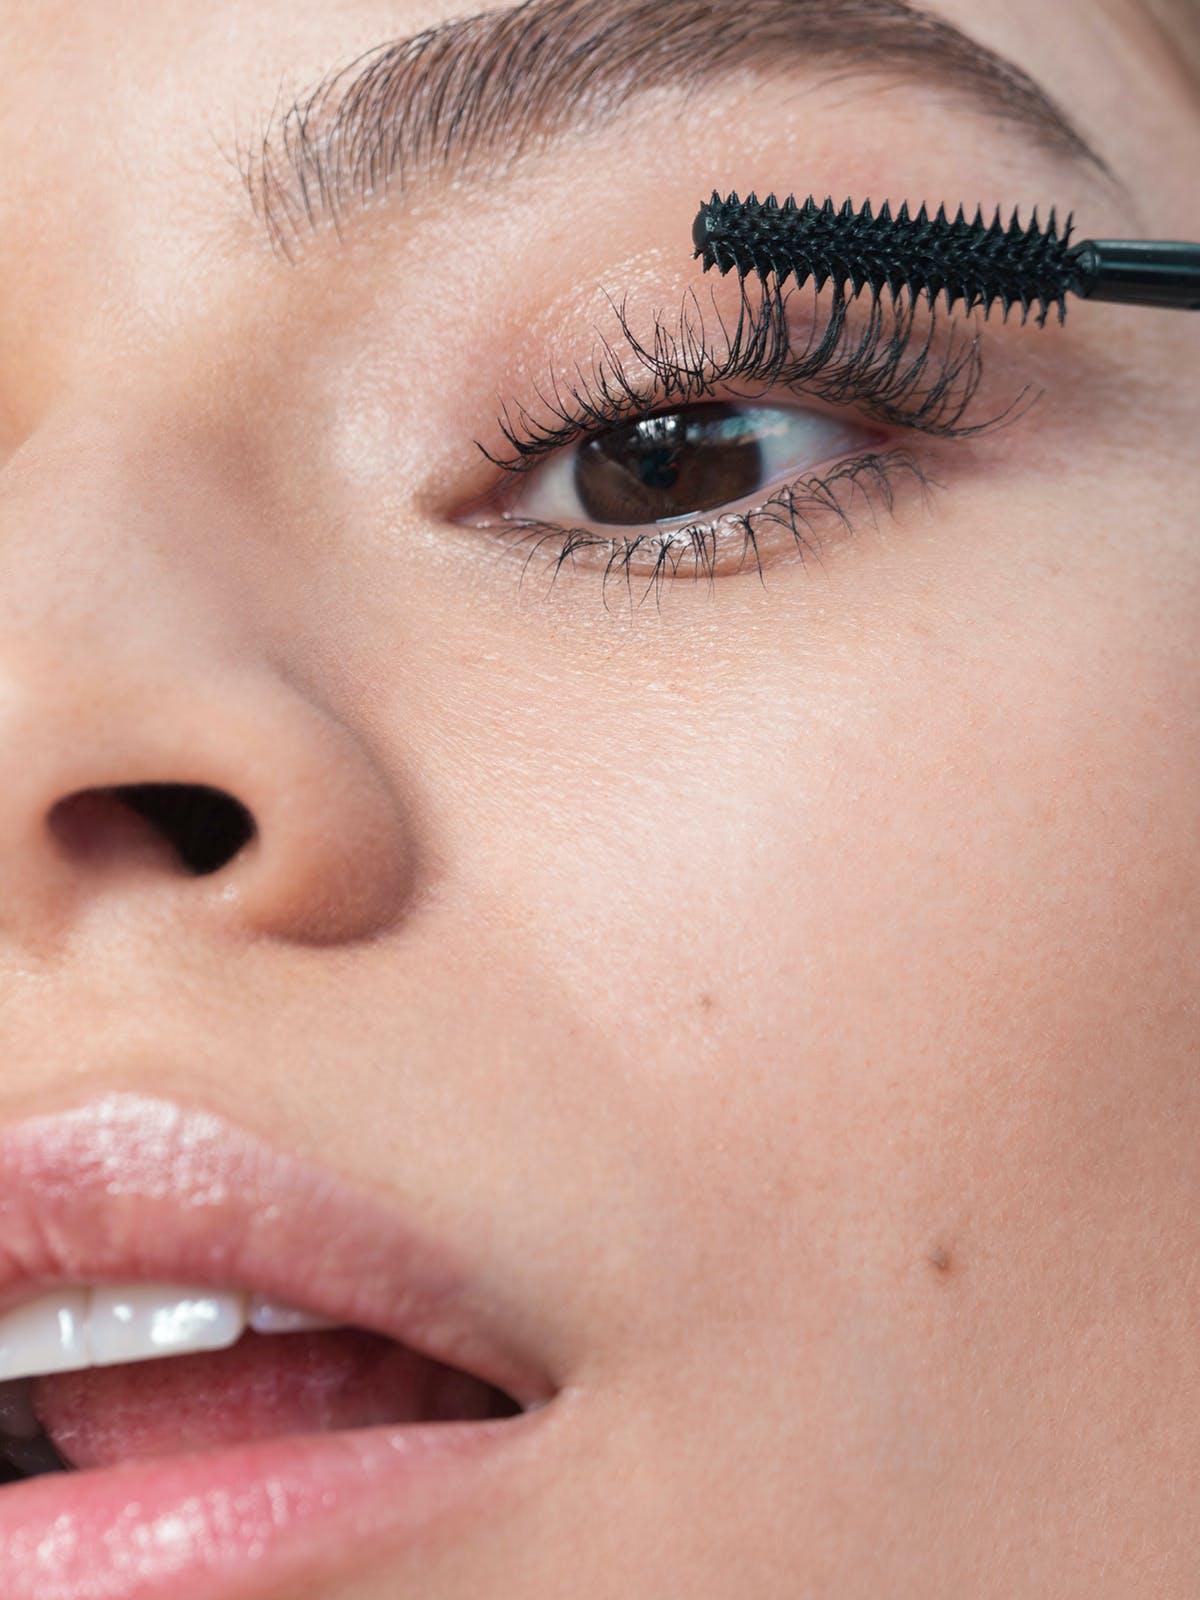 Thay đổi thói quen trang điểm: Đảm bảo rằng bạn đang sử dụng chất tẩy trang nhẹ nhàng và loại mascara dễ rửa sạch (bỏ qua loại mascara không thấm nước của bạn), vì nó có thể làm khô mi khiến mi trở nên mỏng manh và dễ gãy. Bạn cũng nên thay mascara ba tháng một lần để tránh vi khuẩn và làm khô mi. Đối với những người yêu thích lông mi giả, chúng có thể trông tuyệt vời trong giây lát, nhưng tác hại lâu dài từ keo dán mi là không đáng. Ngoài ra, tránh uốn mi quá nhiều vì đôi khi có thể cản trở sự phát triển của lông mi.